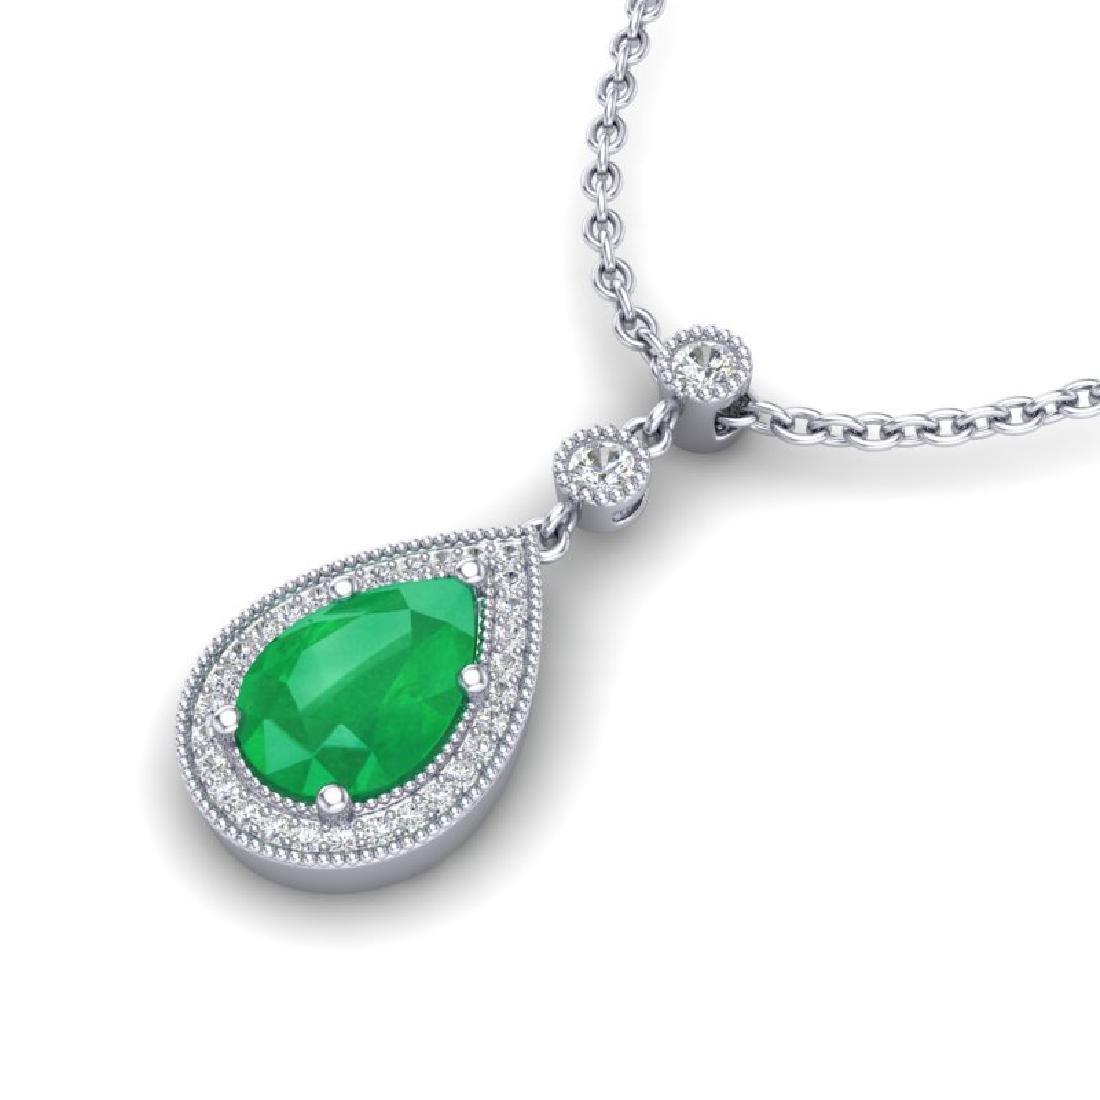 2.75 CTW Emerald & Micro Pave VS/SI Diamond Necklace